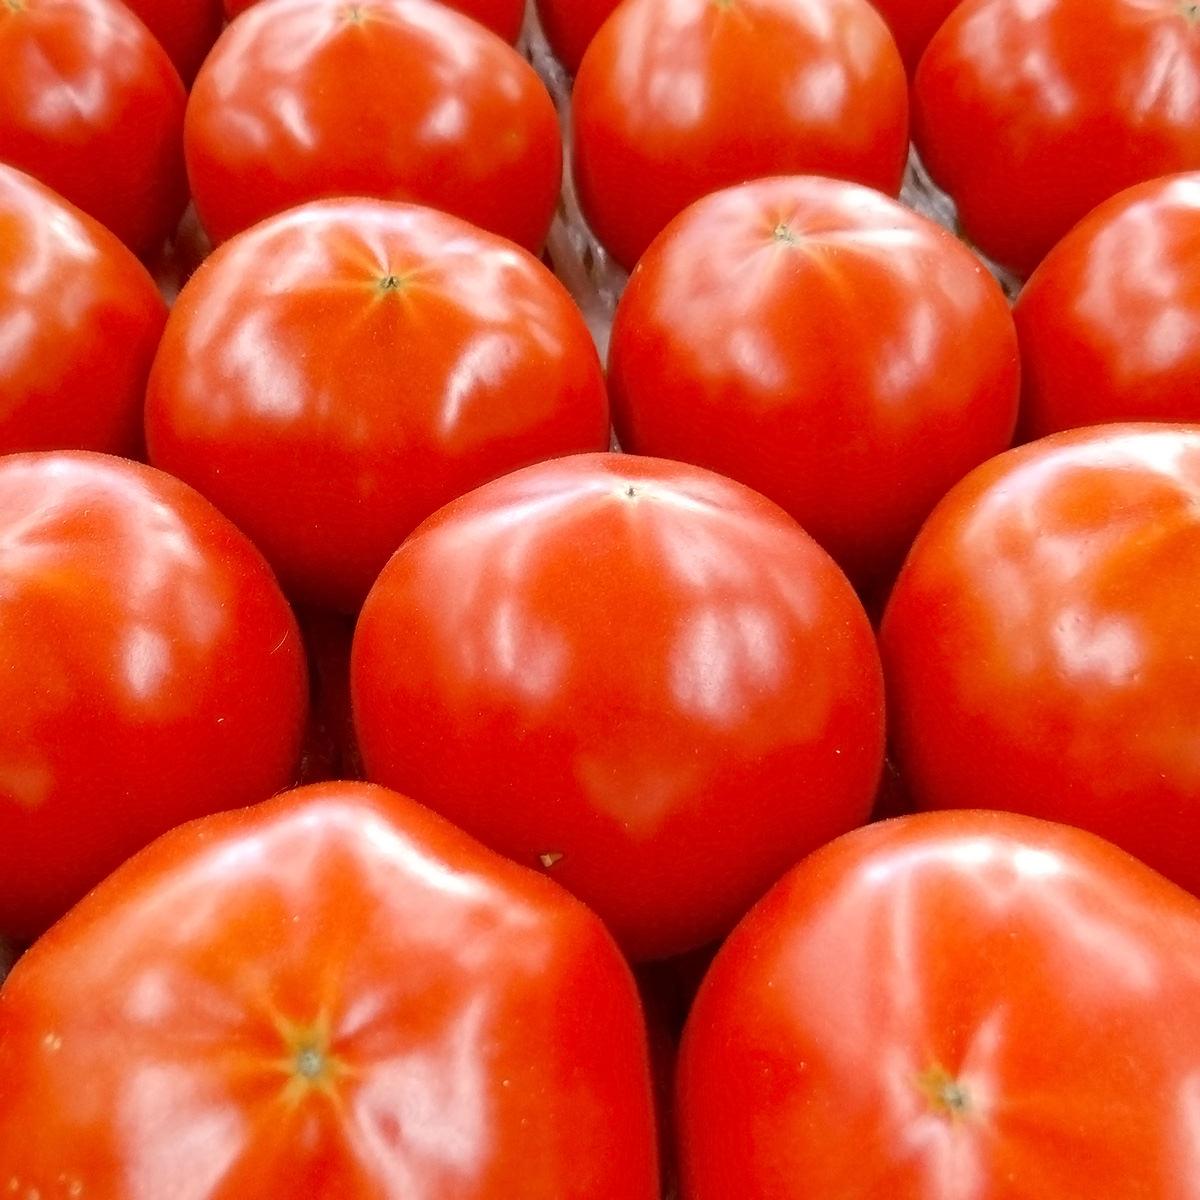 サラダファイブ 天然の美味しさがぎゅっと凝縮 長崎県産高糖度トマト 西海トマト〔Mサイズ3kg×1箱〕